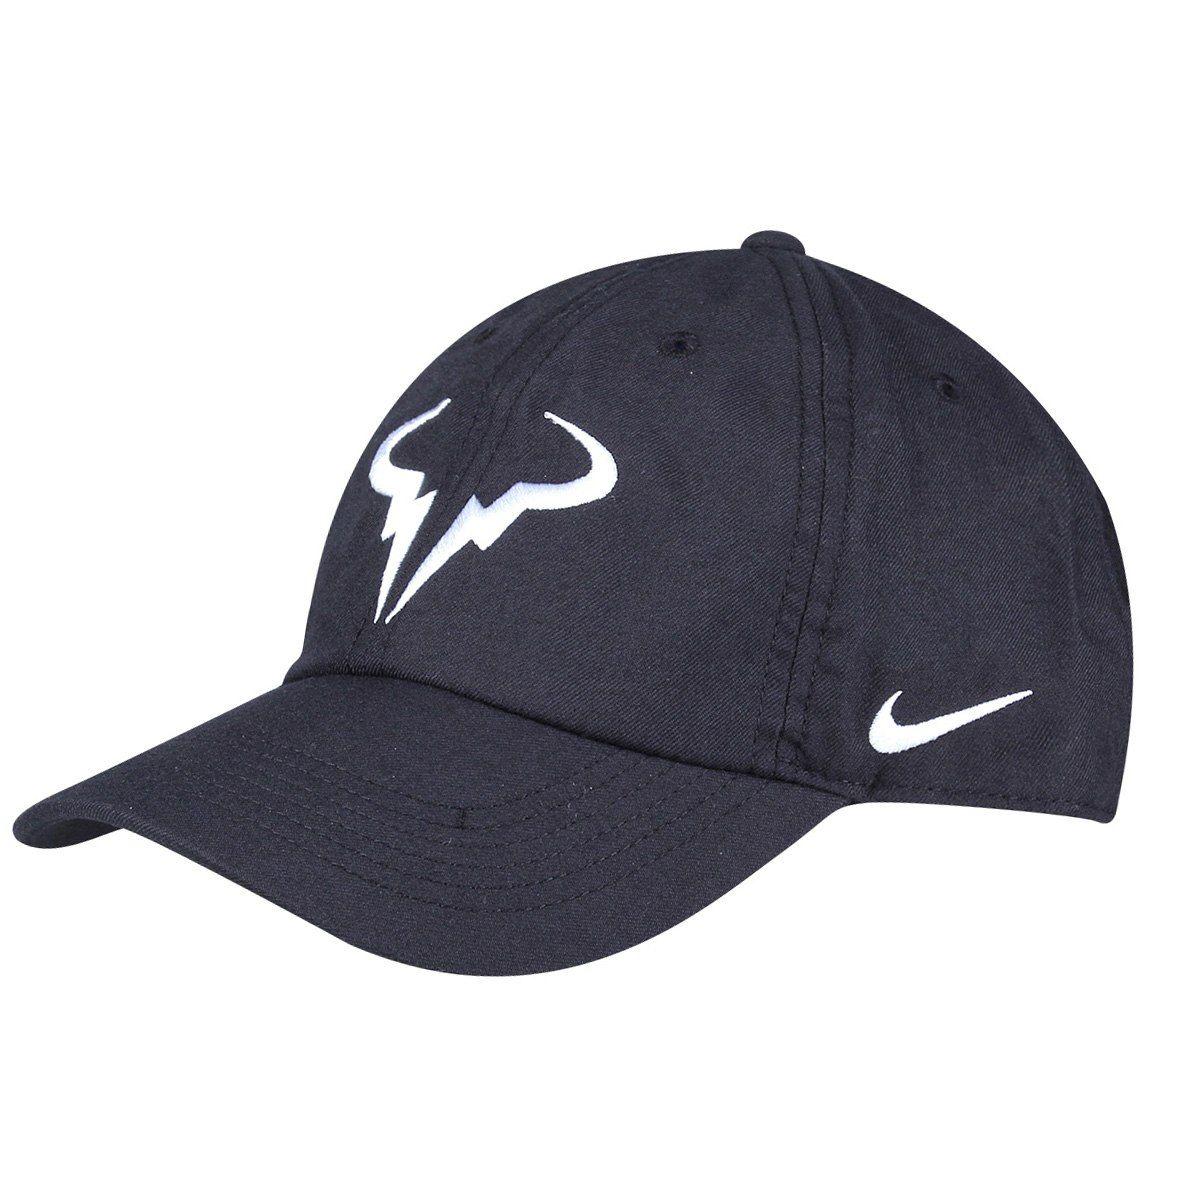 Boné Nike Aerobill Rafael Nadal - PRETO